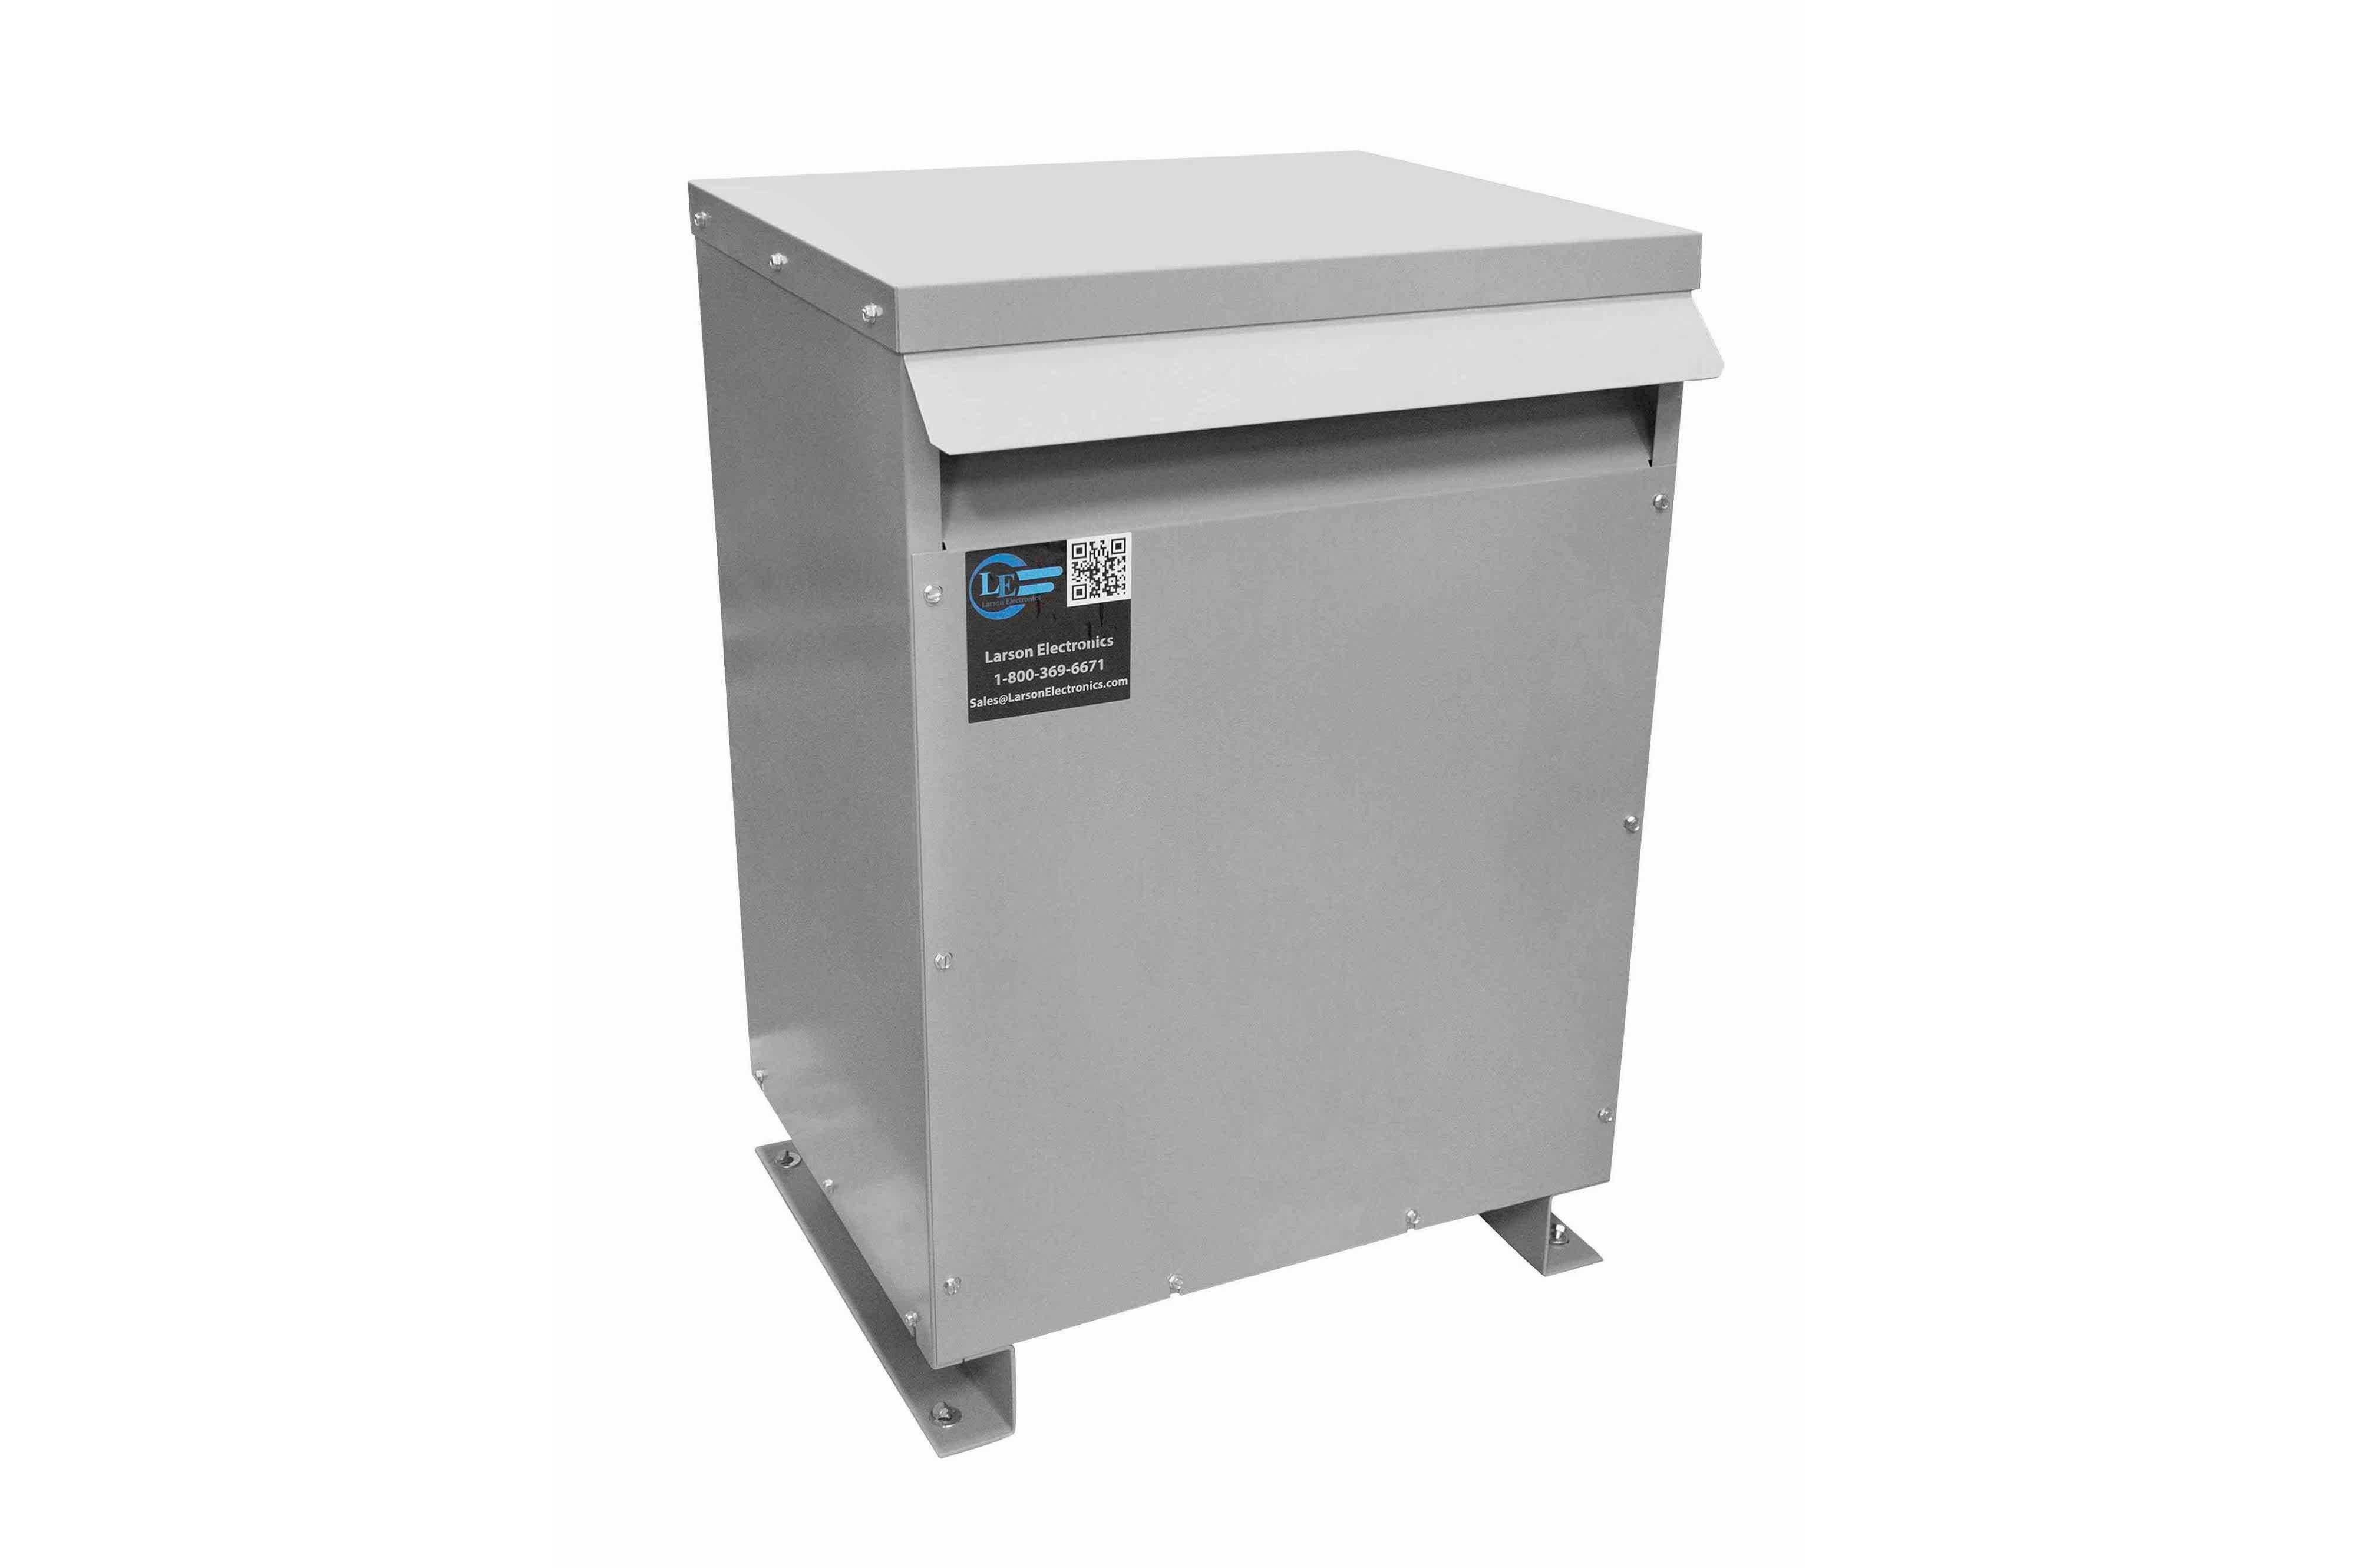 32.5 kVA 3PH Isolation Transformer, 600V Delta Primary, 400V Delta Secondary, N3R, Ventilated, 60 Hz